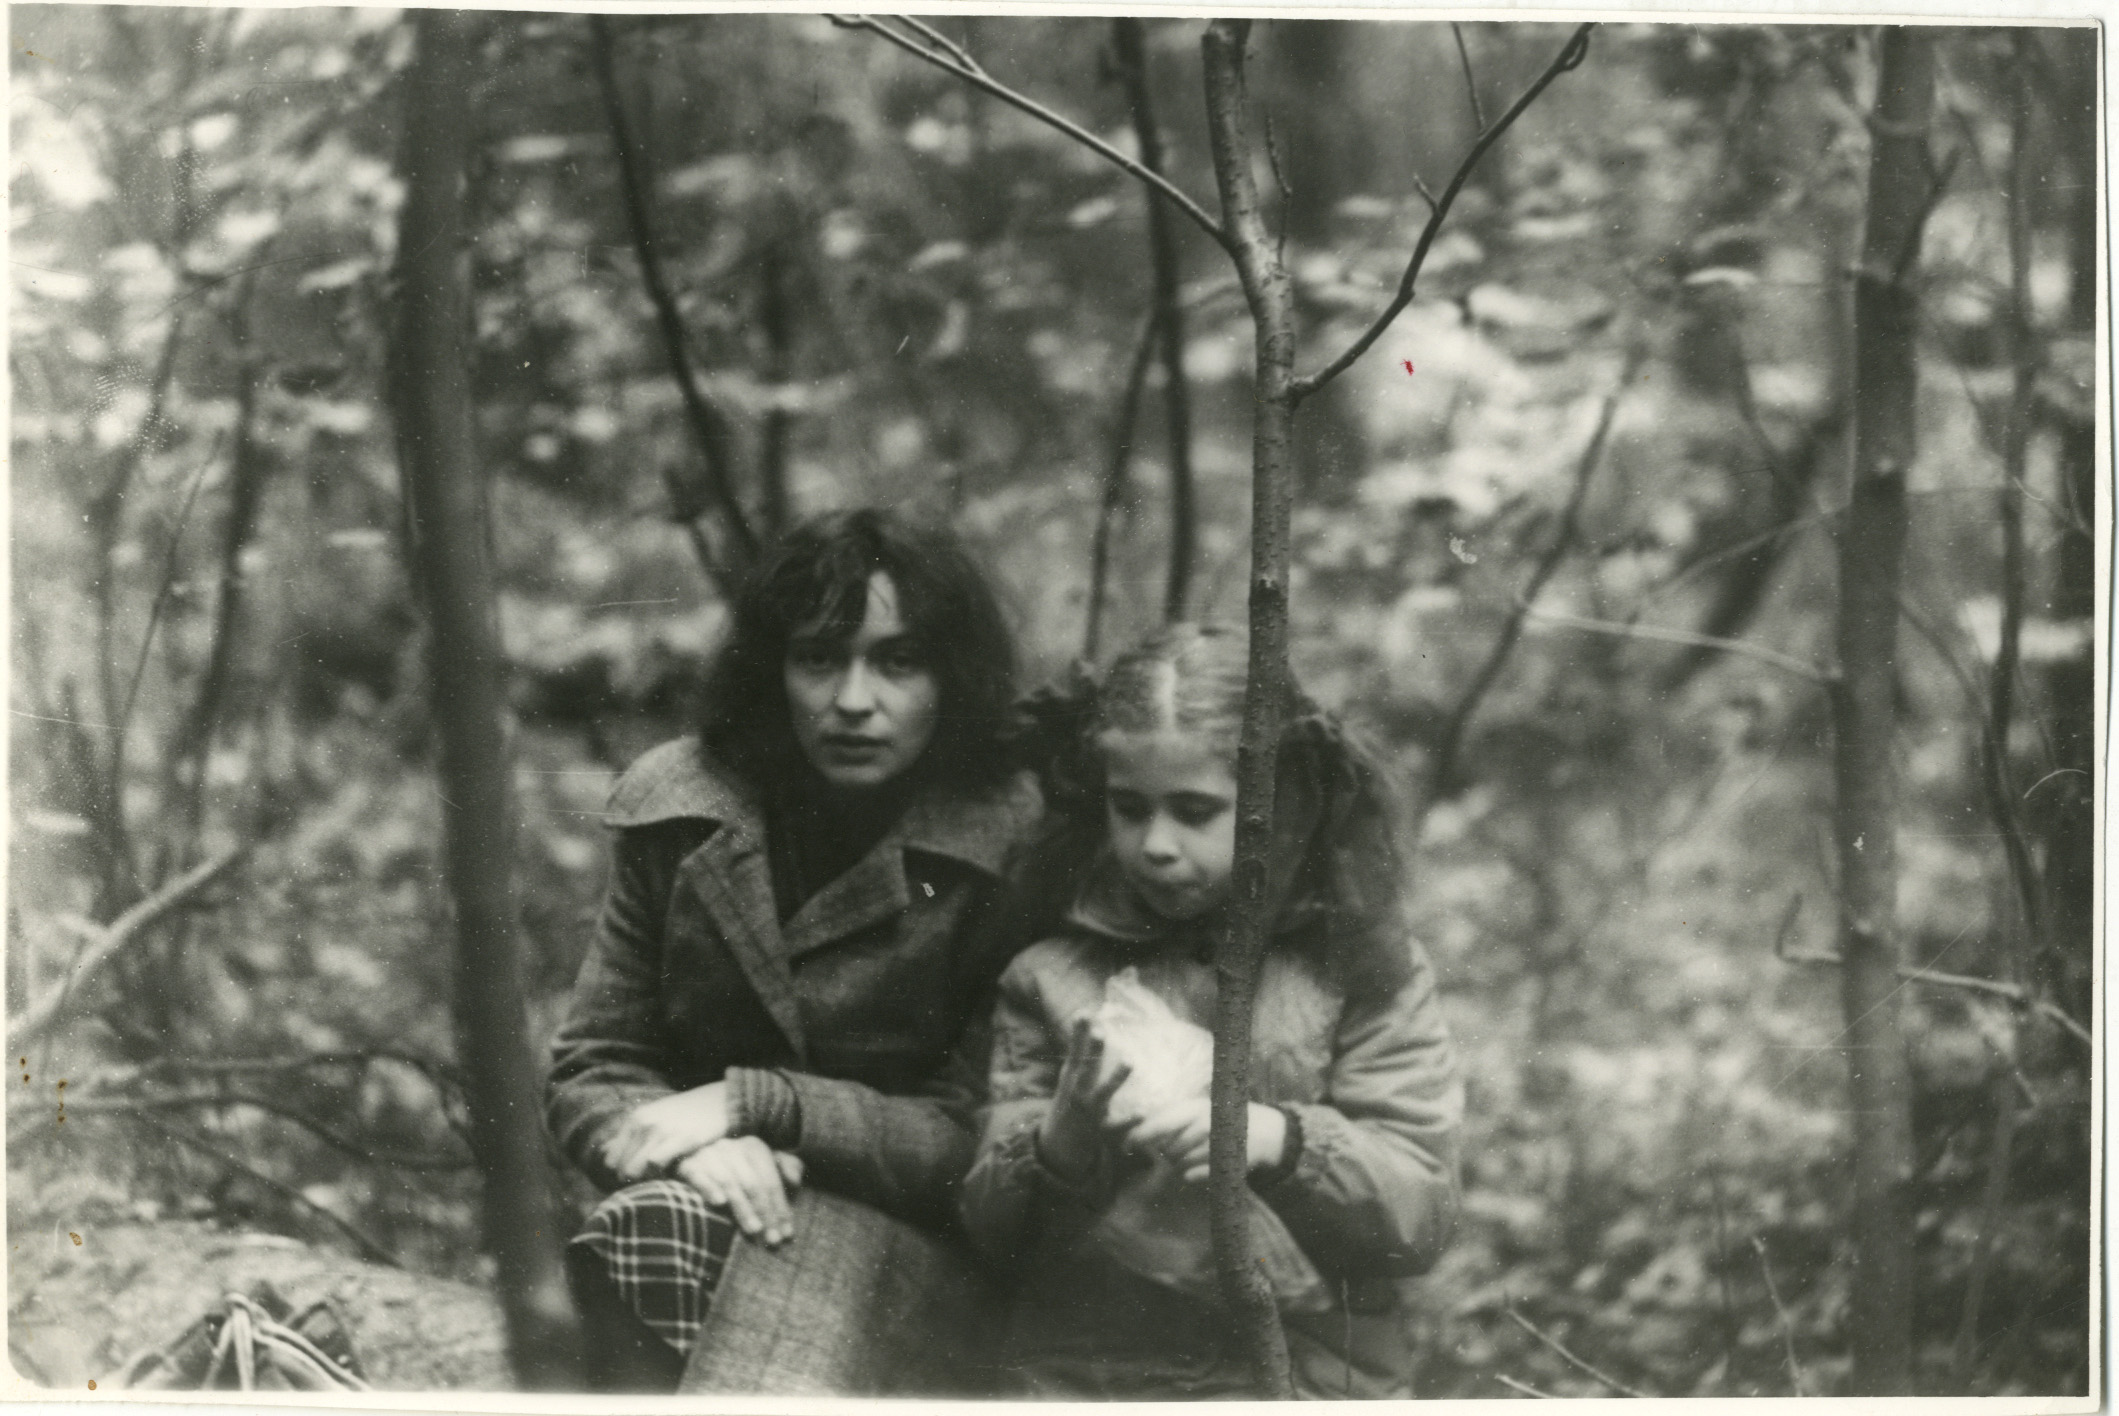 С мамой в лесу 11 фотография